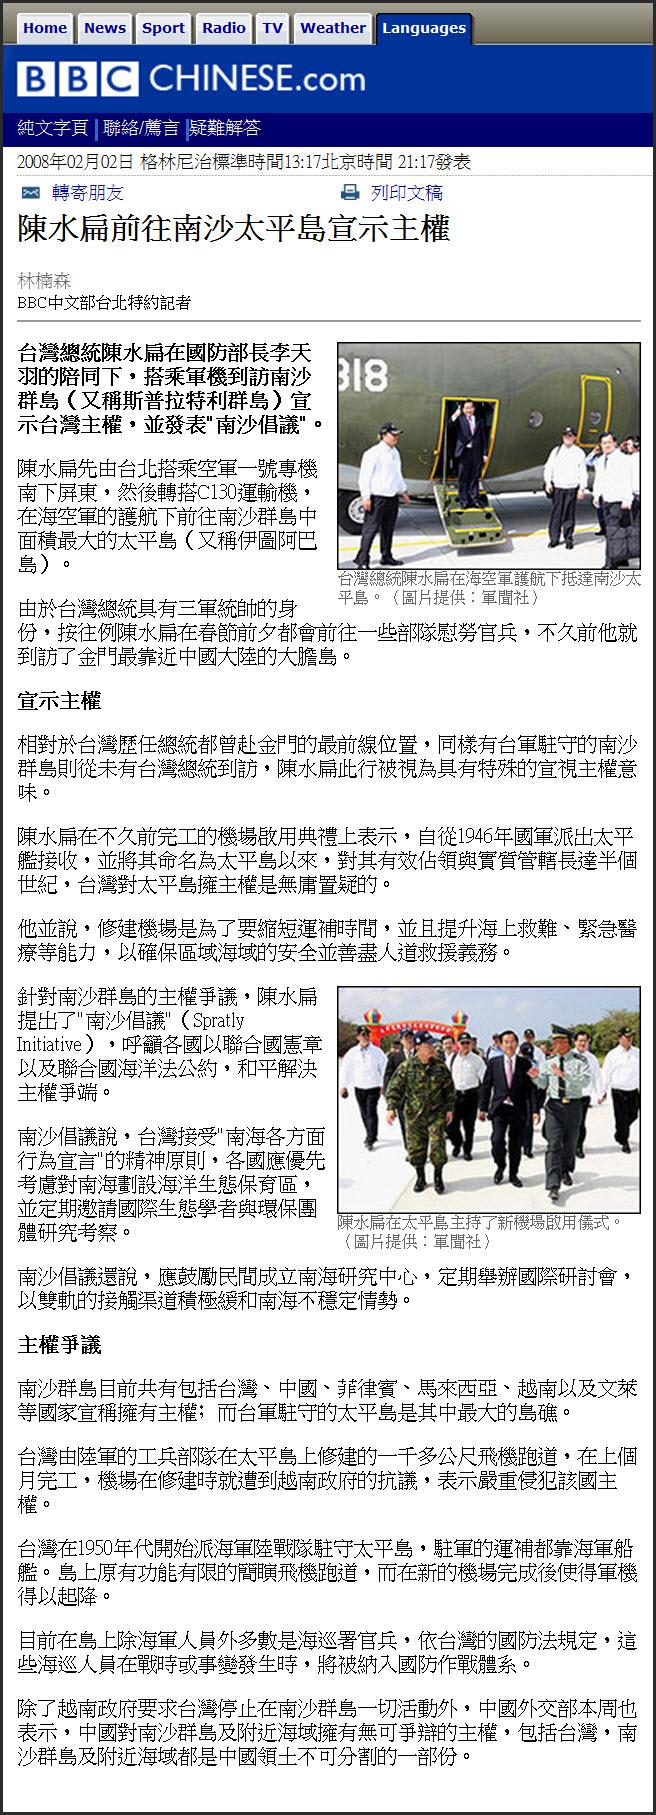 南海主权争端 台湾不能置身事外